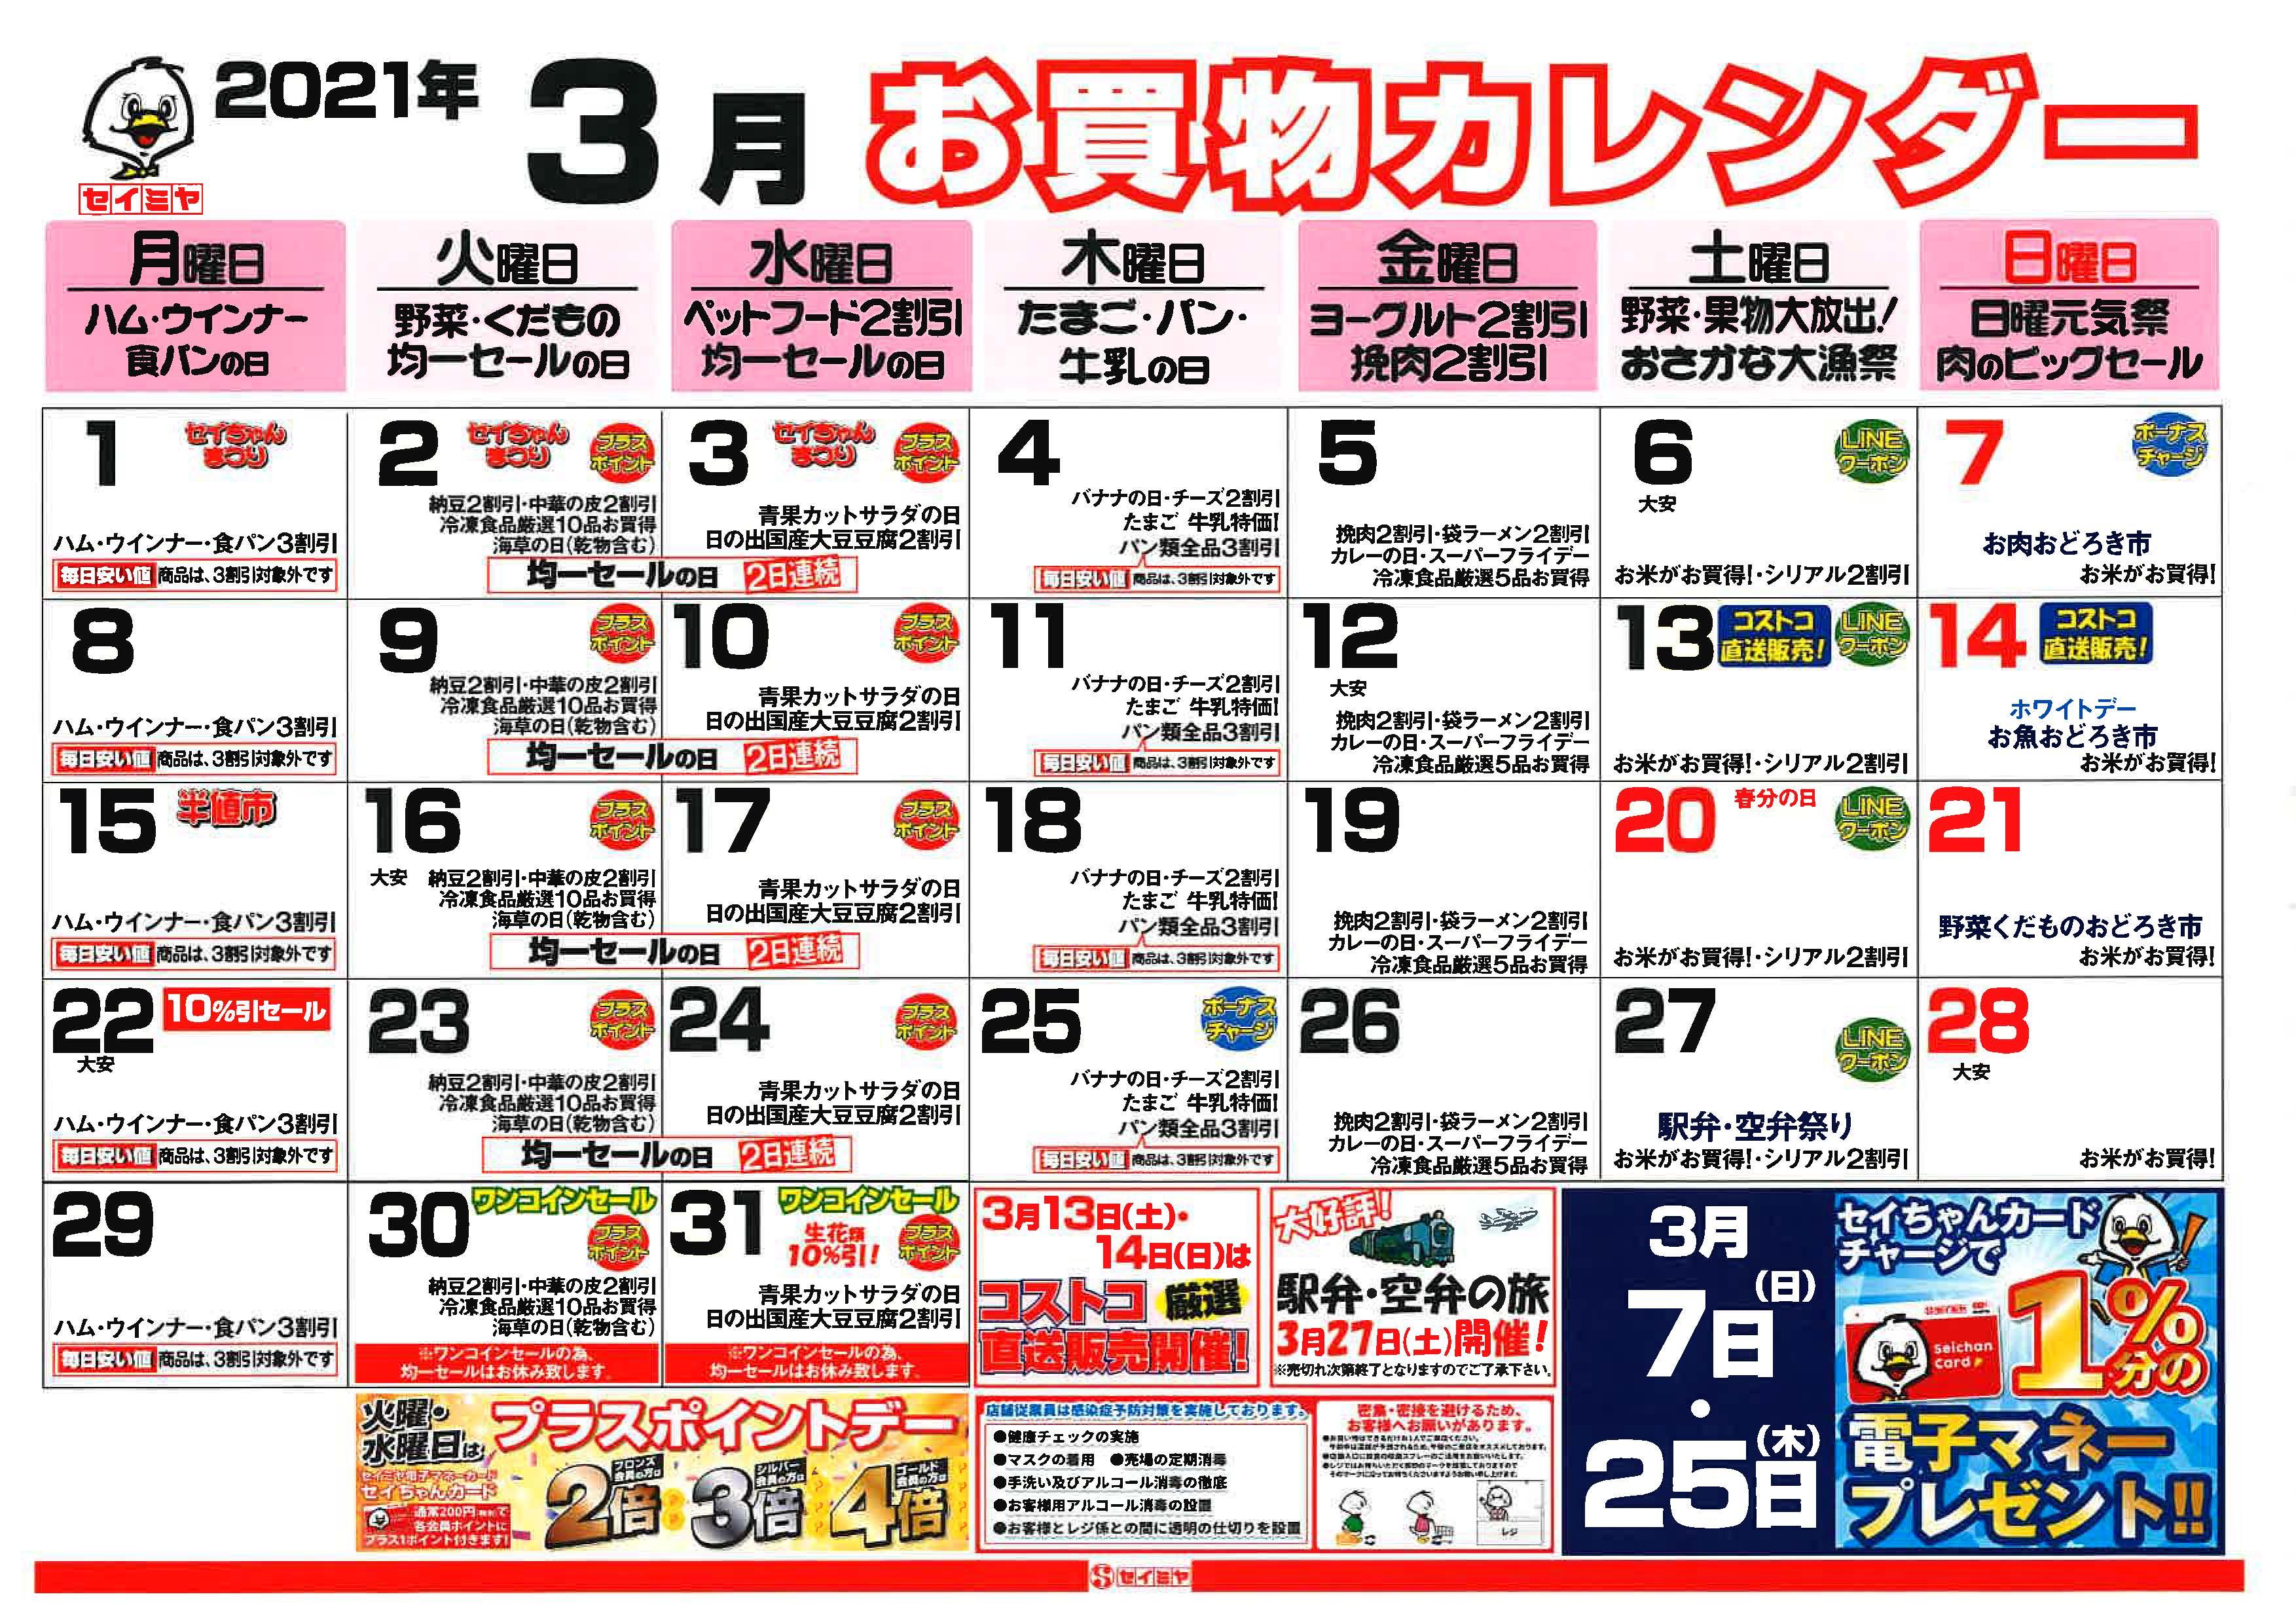 3月のお買物カレンダー